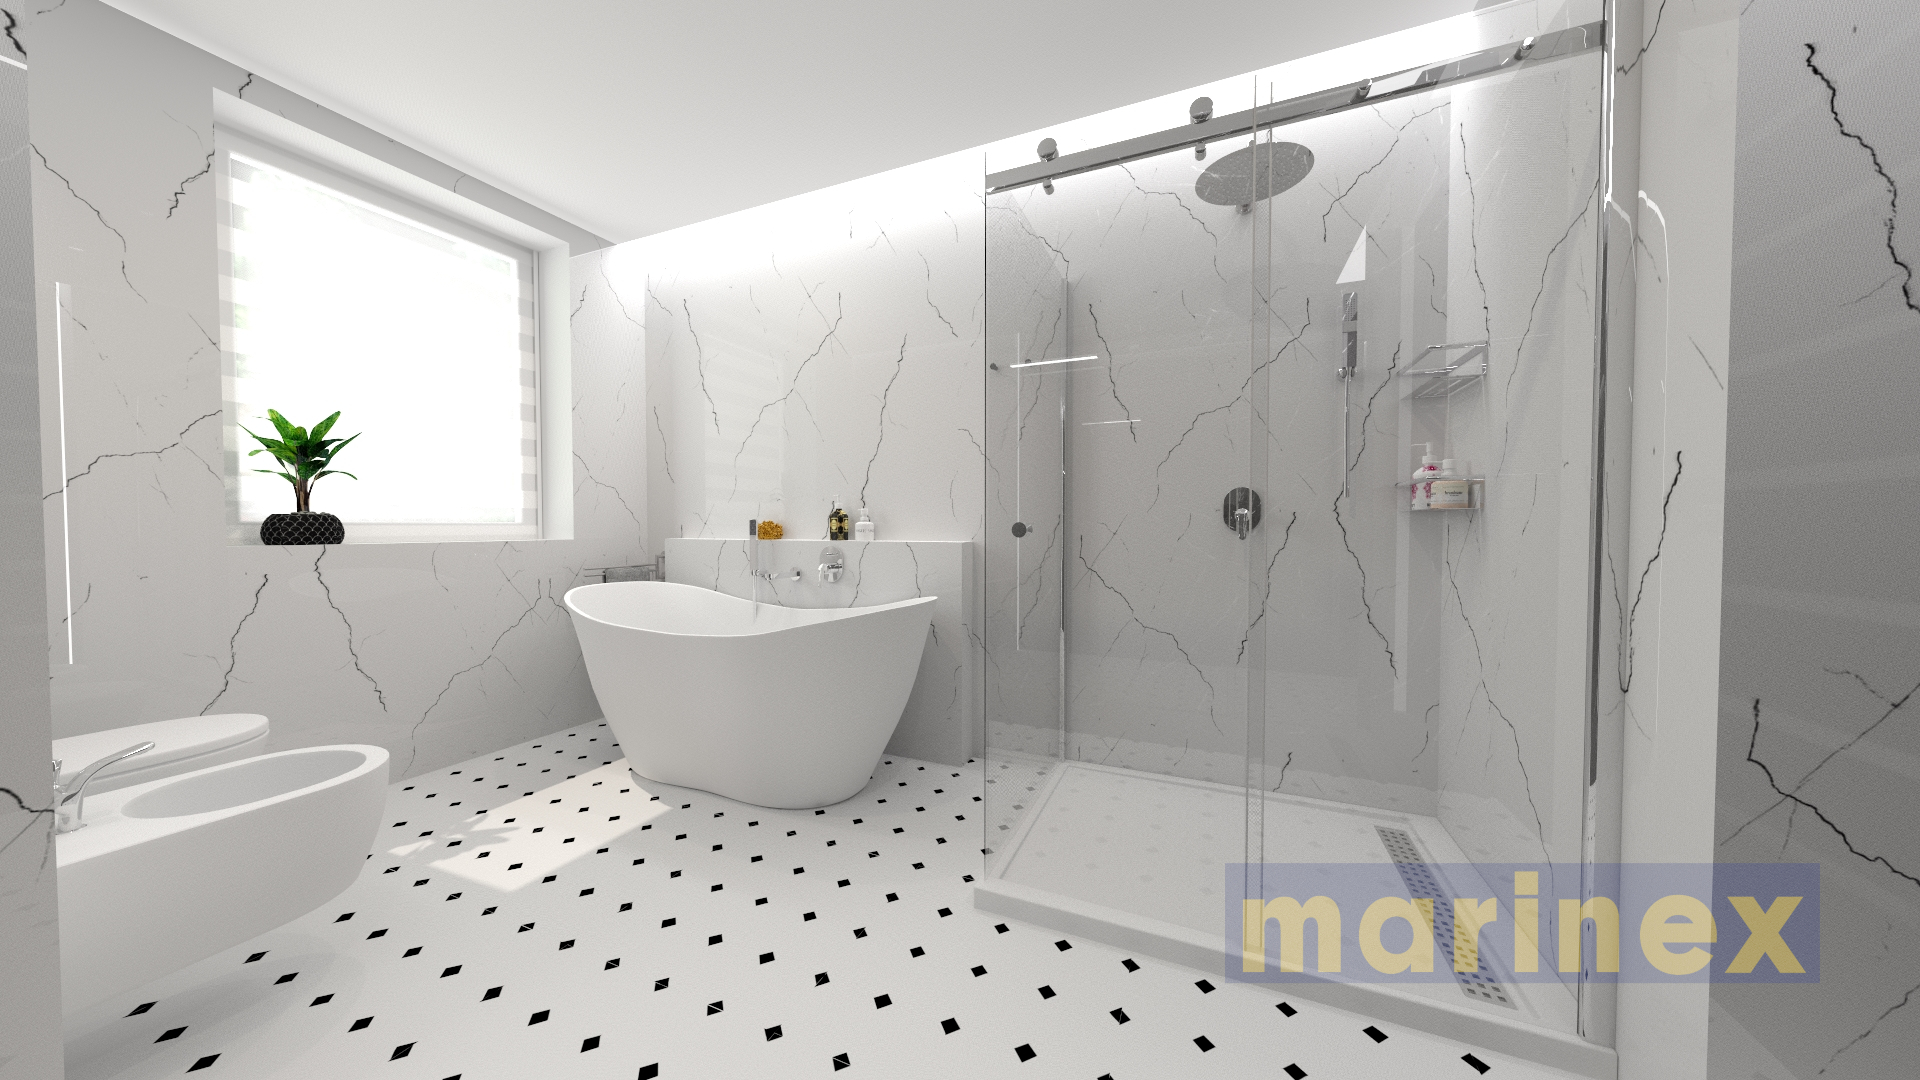 Marinex  wszystko do łazienki